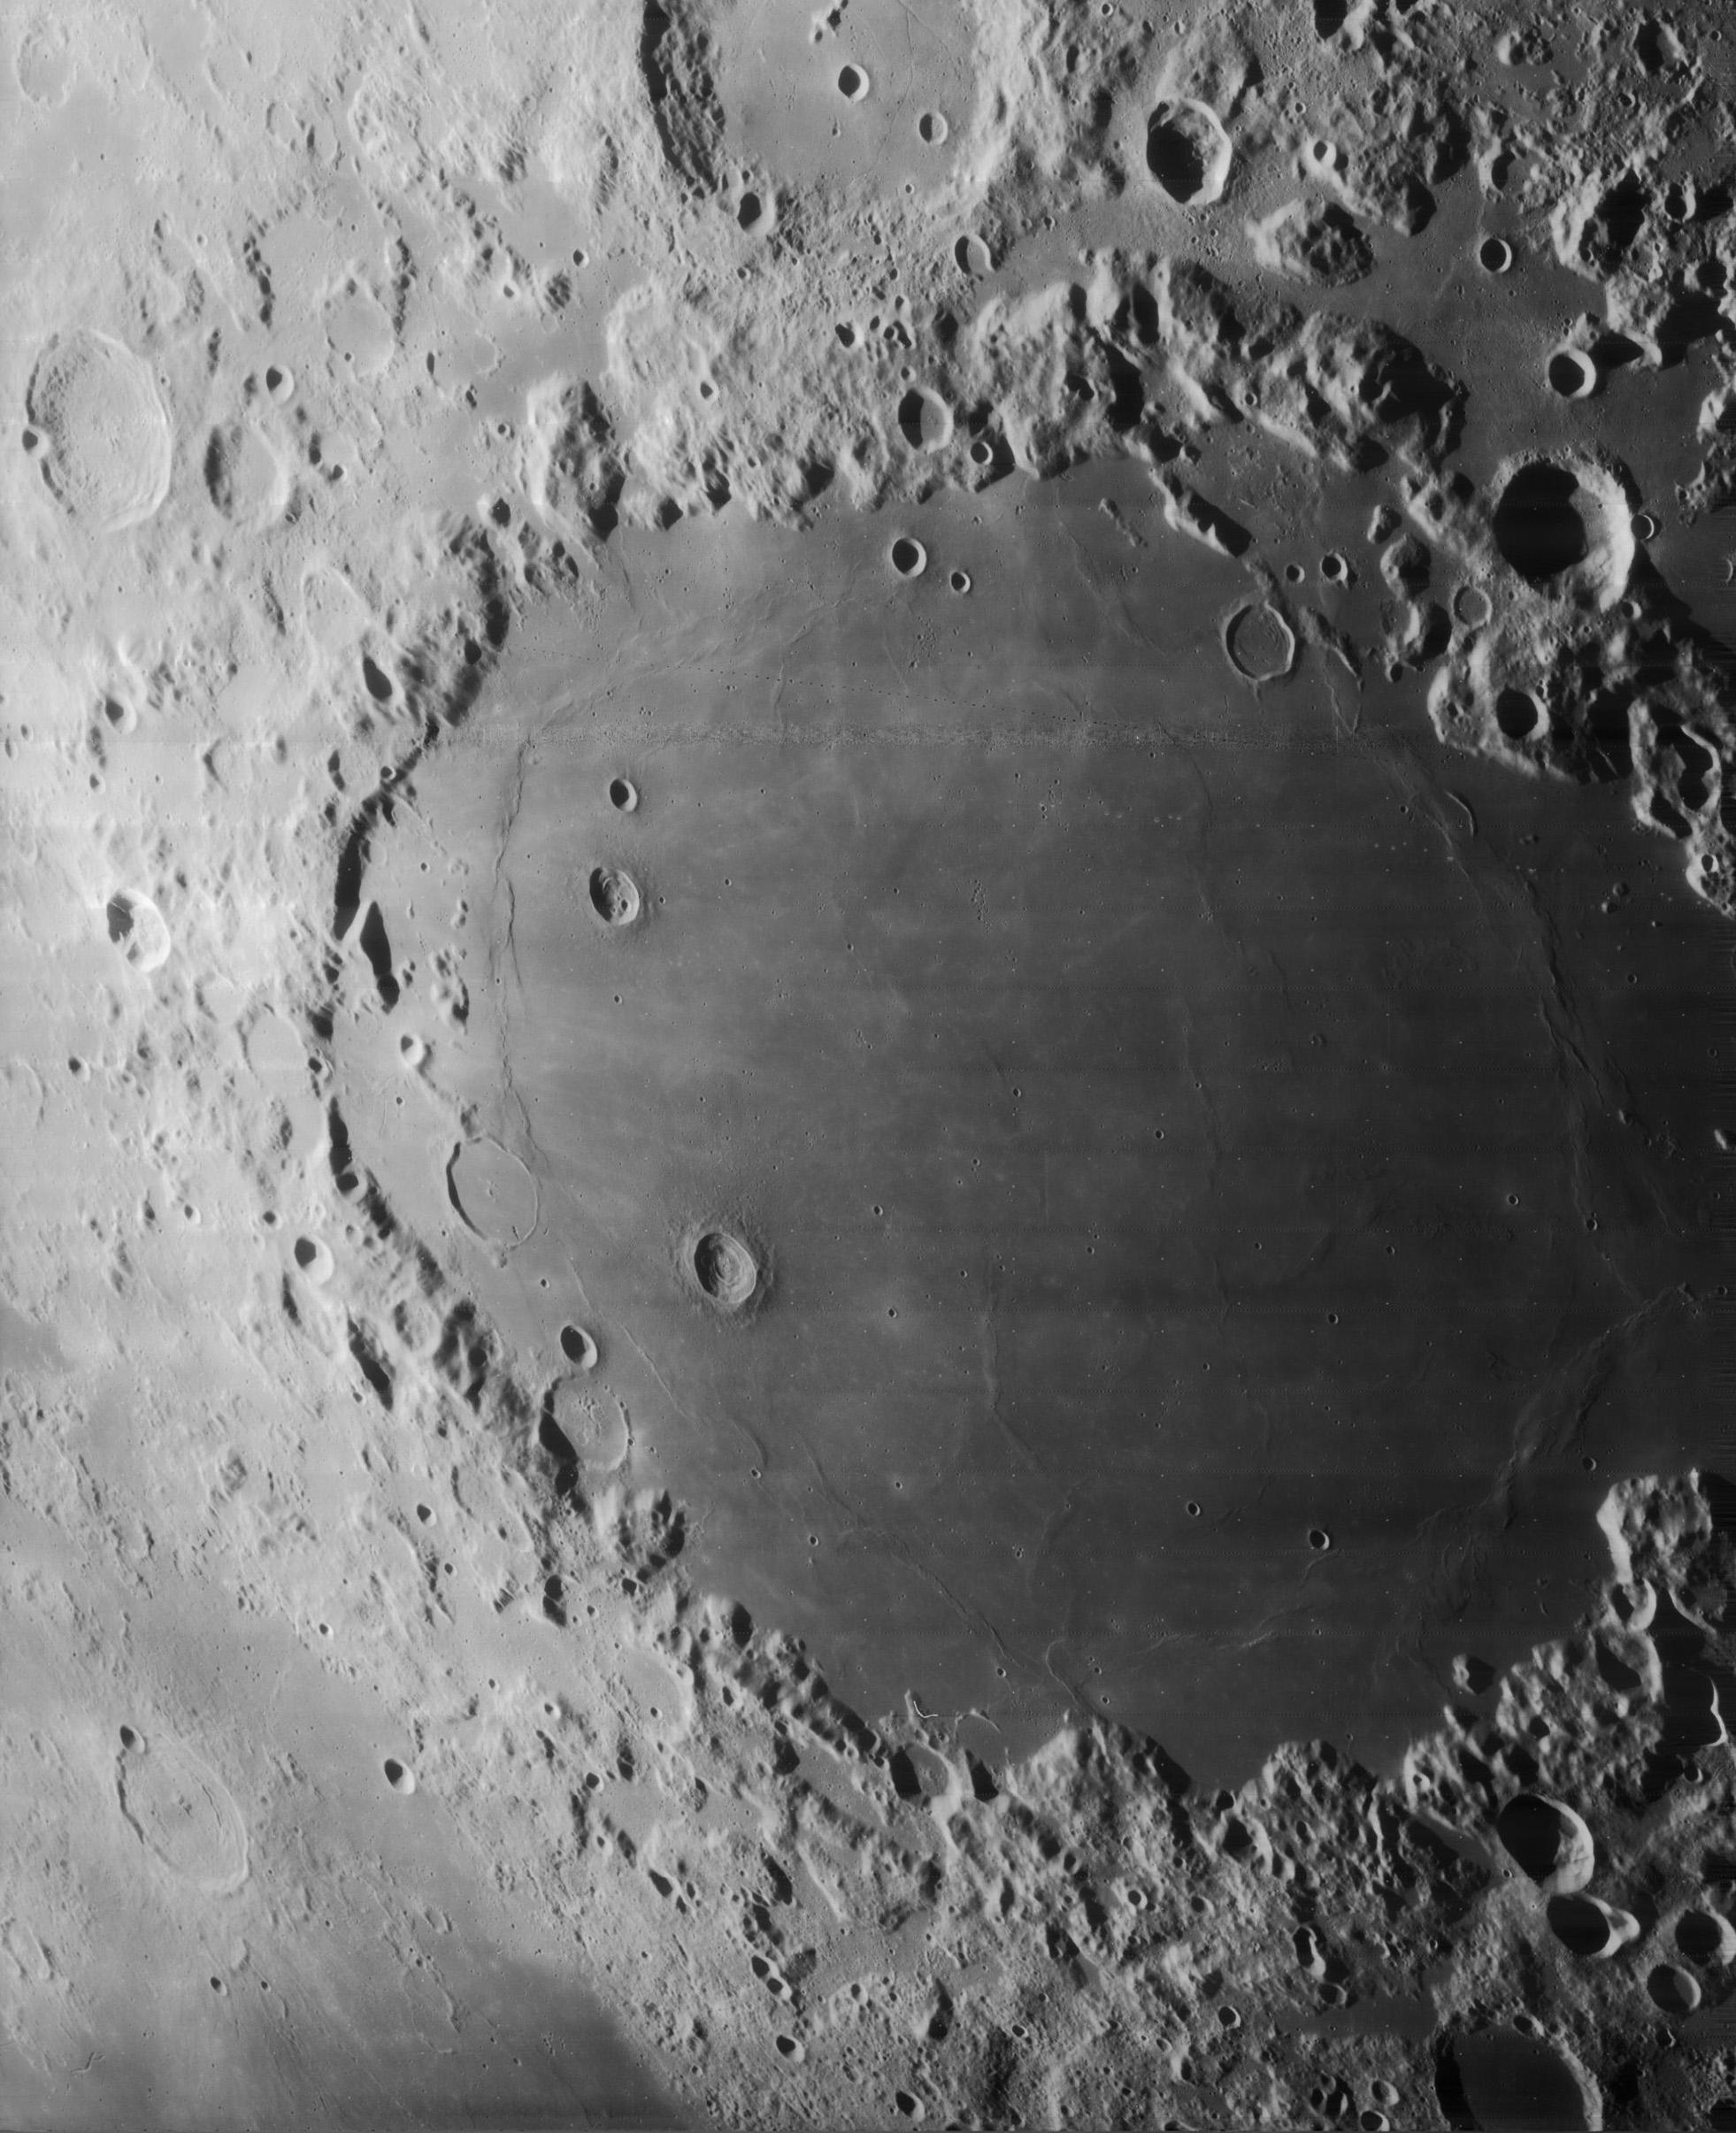 File:Mare Crisium 4191 h3.jpg.